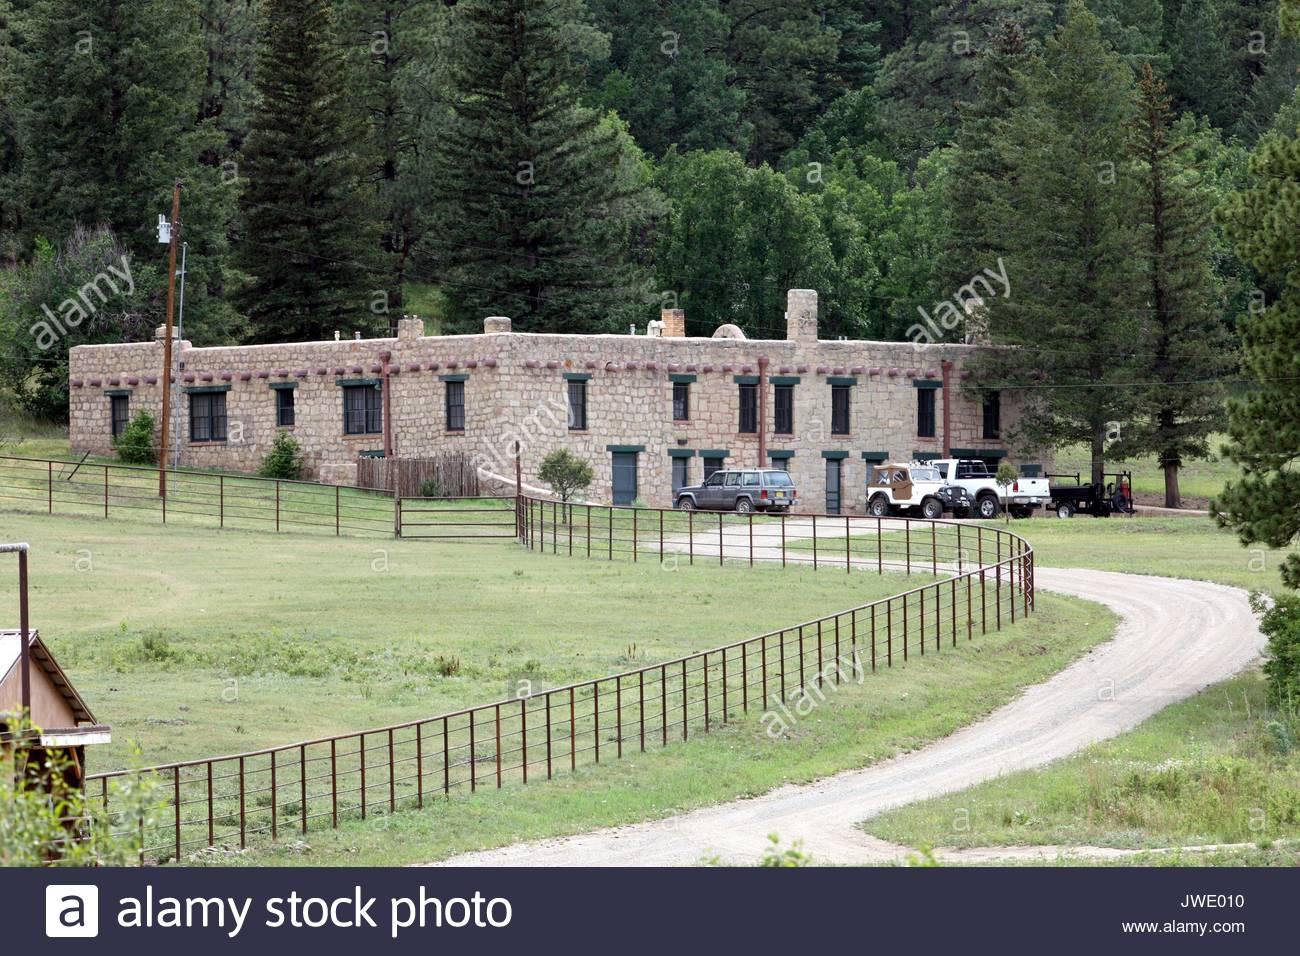 Vues g n rales de patrick swayze 39 s ranch maison pr s de las vegas nouveau mexique banque d - Maison las vegas ...